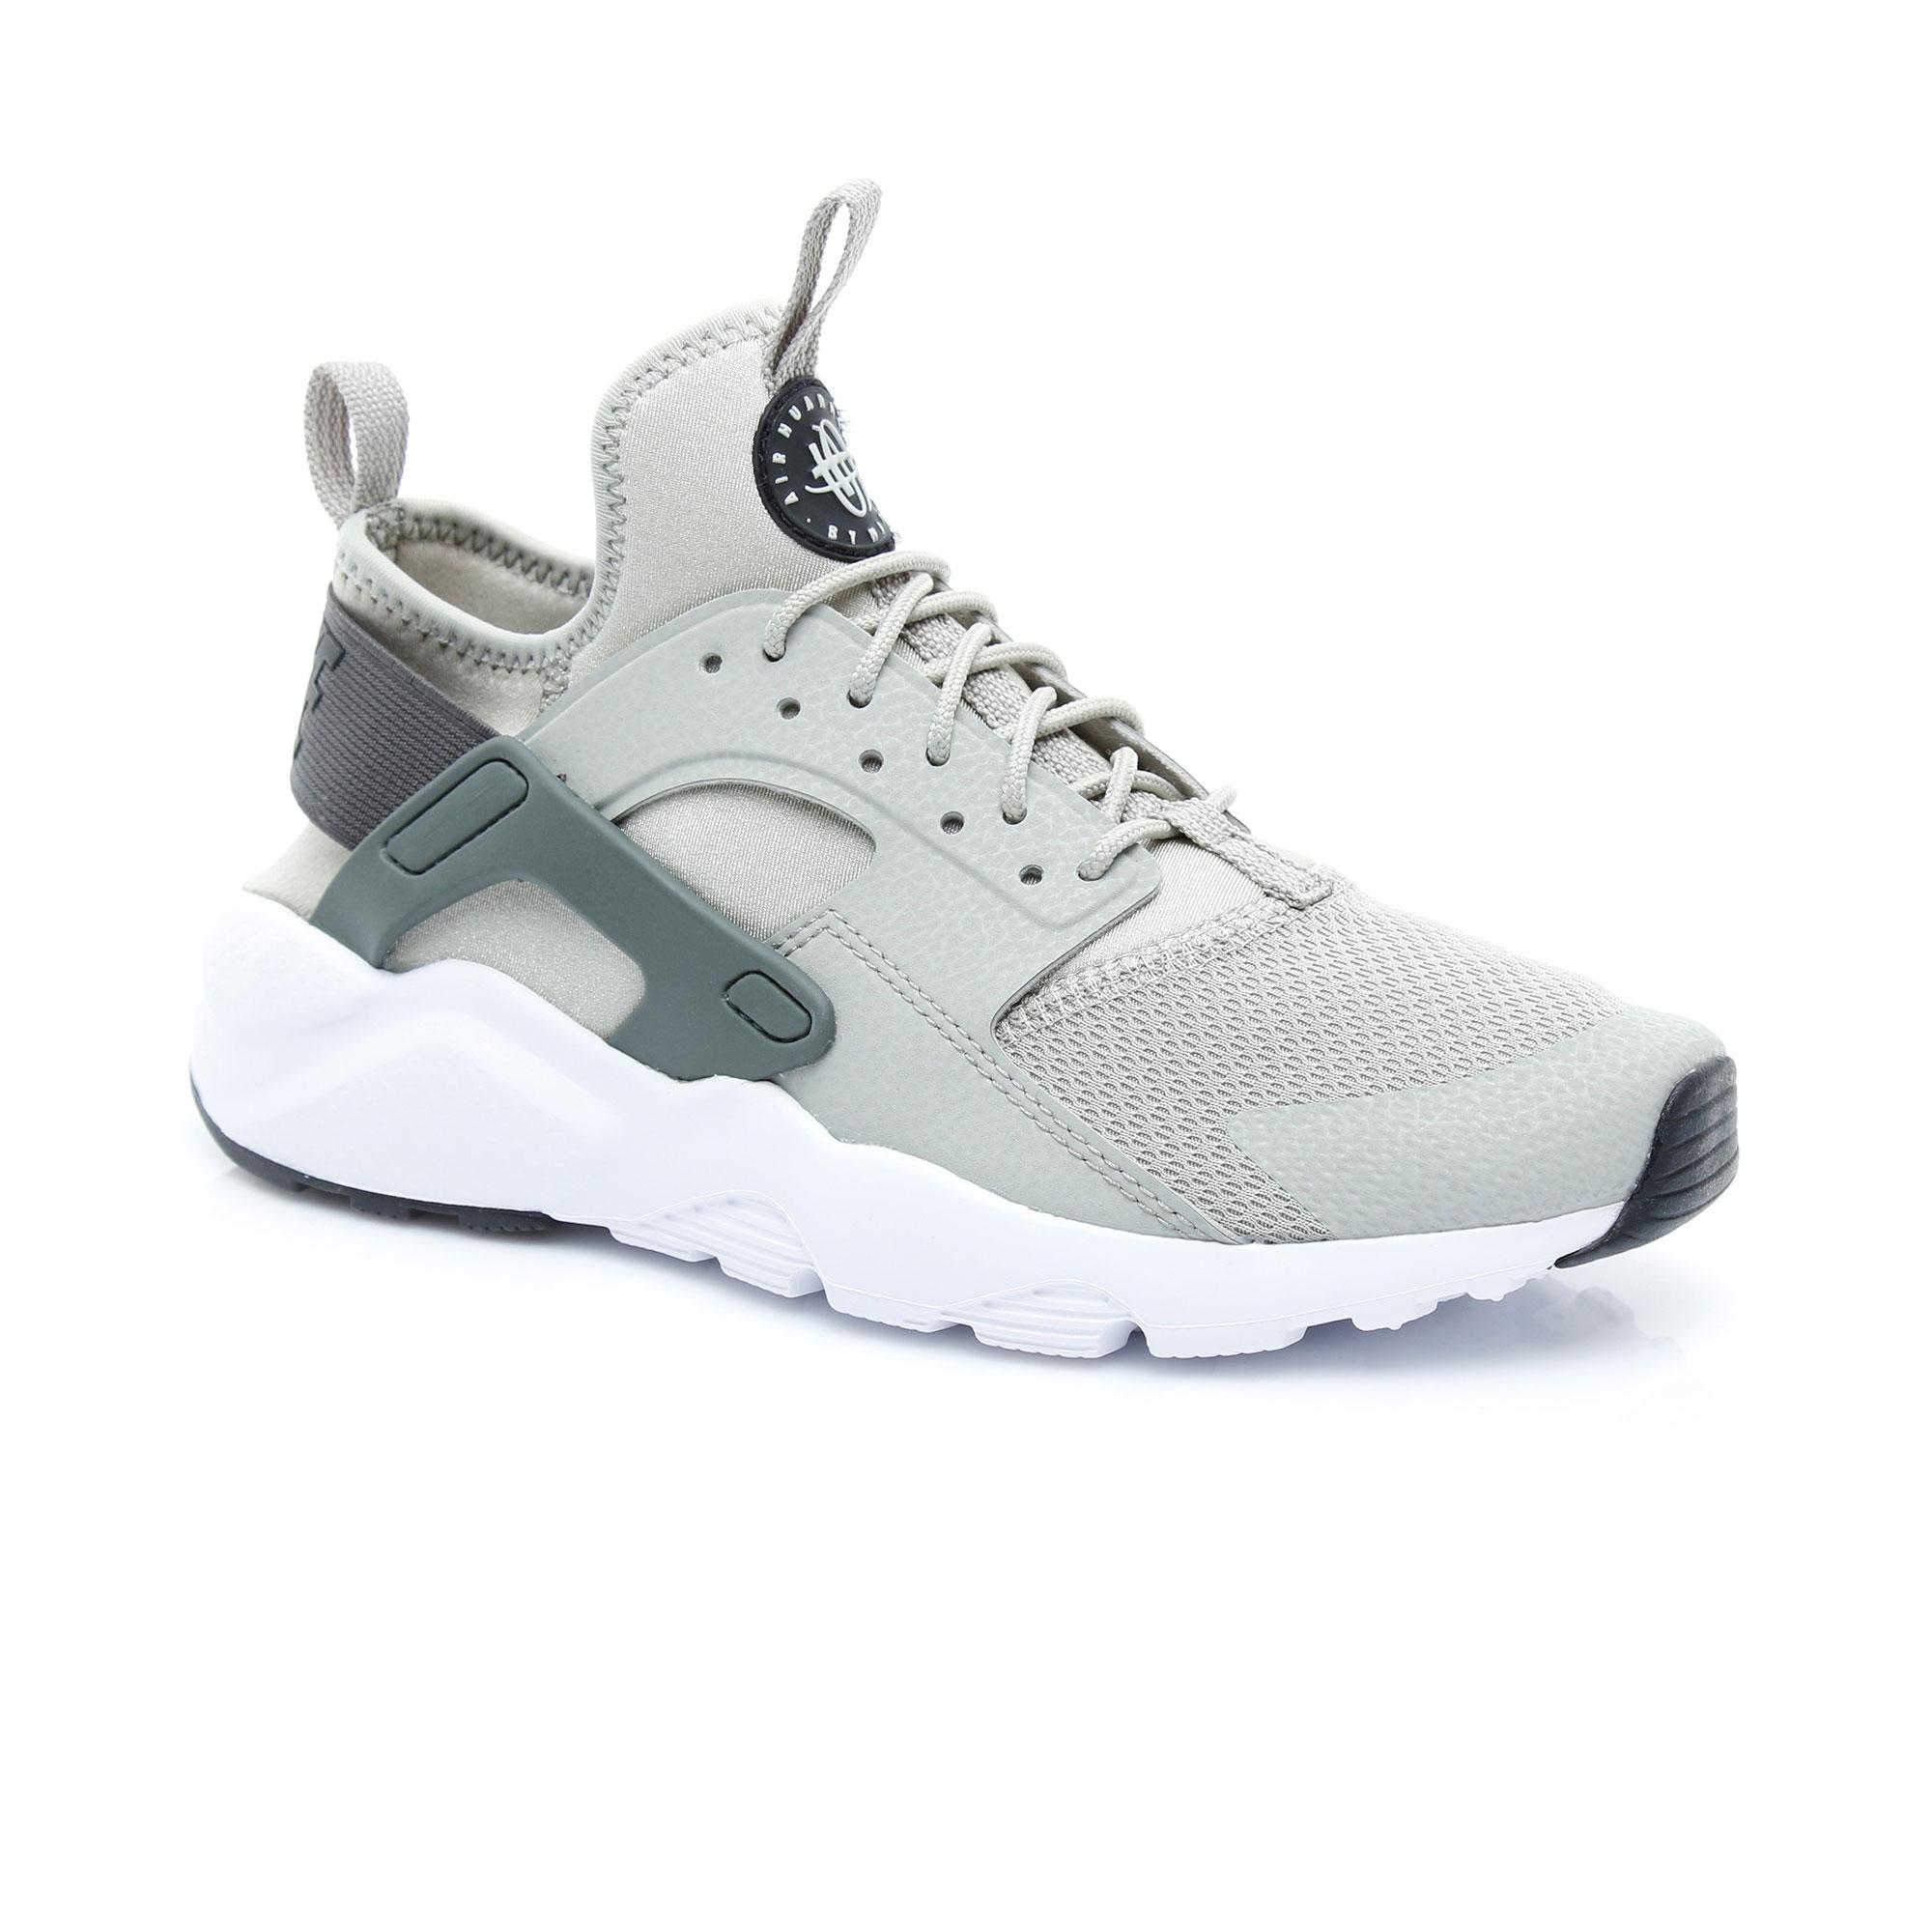 ddd6cf27b621 Nike Air Huarache Run Ultra Gs Çocuk Yeşil Spor Ayakkabı.847569.300 ...